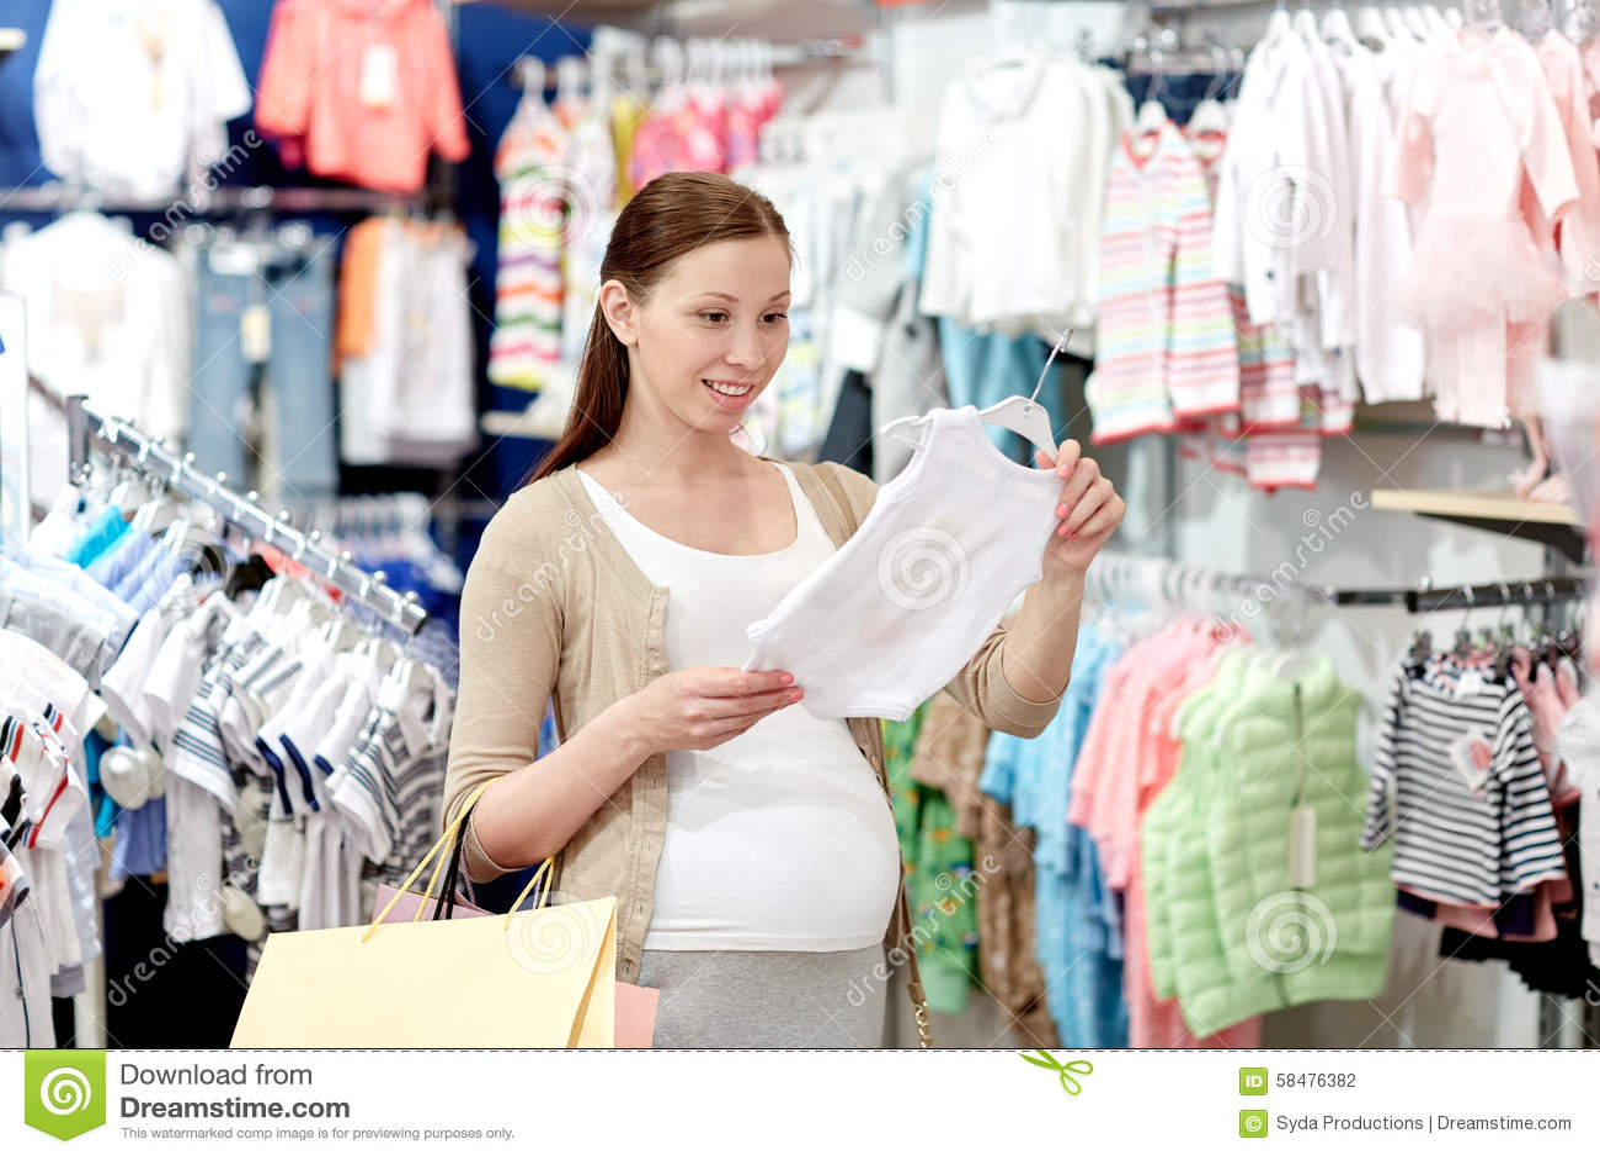 Magasin de femme enceinte - oukoa 1eb0a61c4ee6